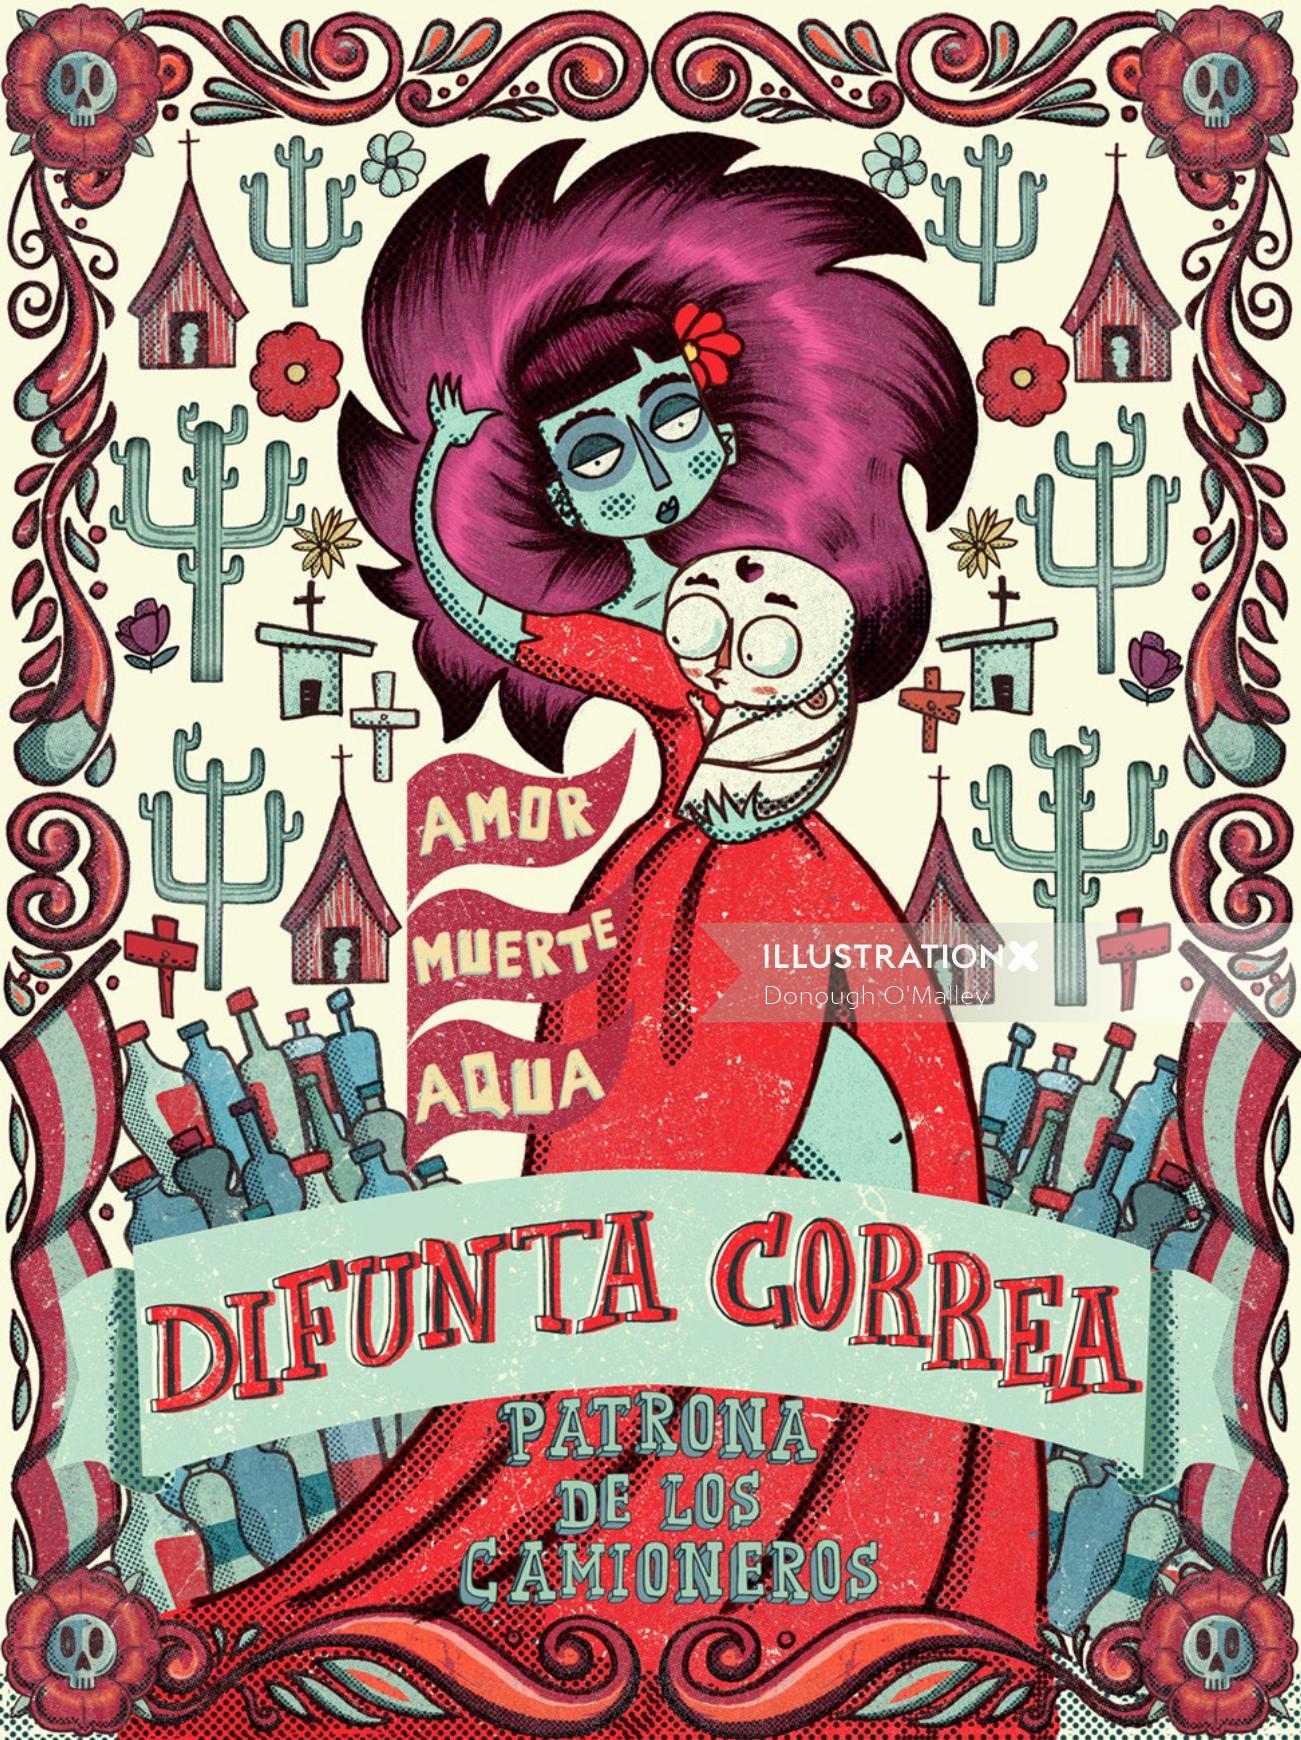 Difunta Correa art